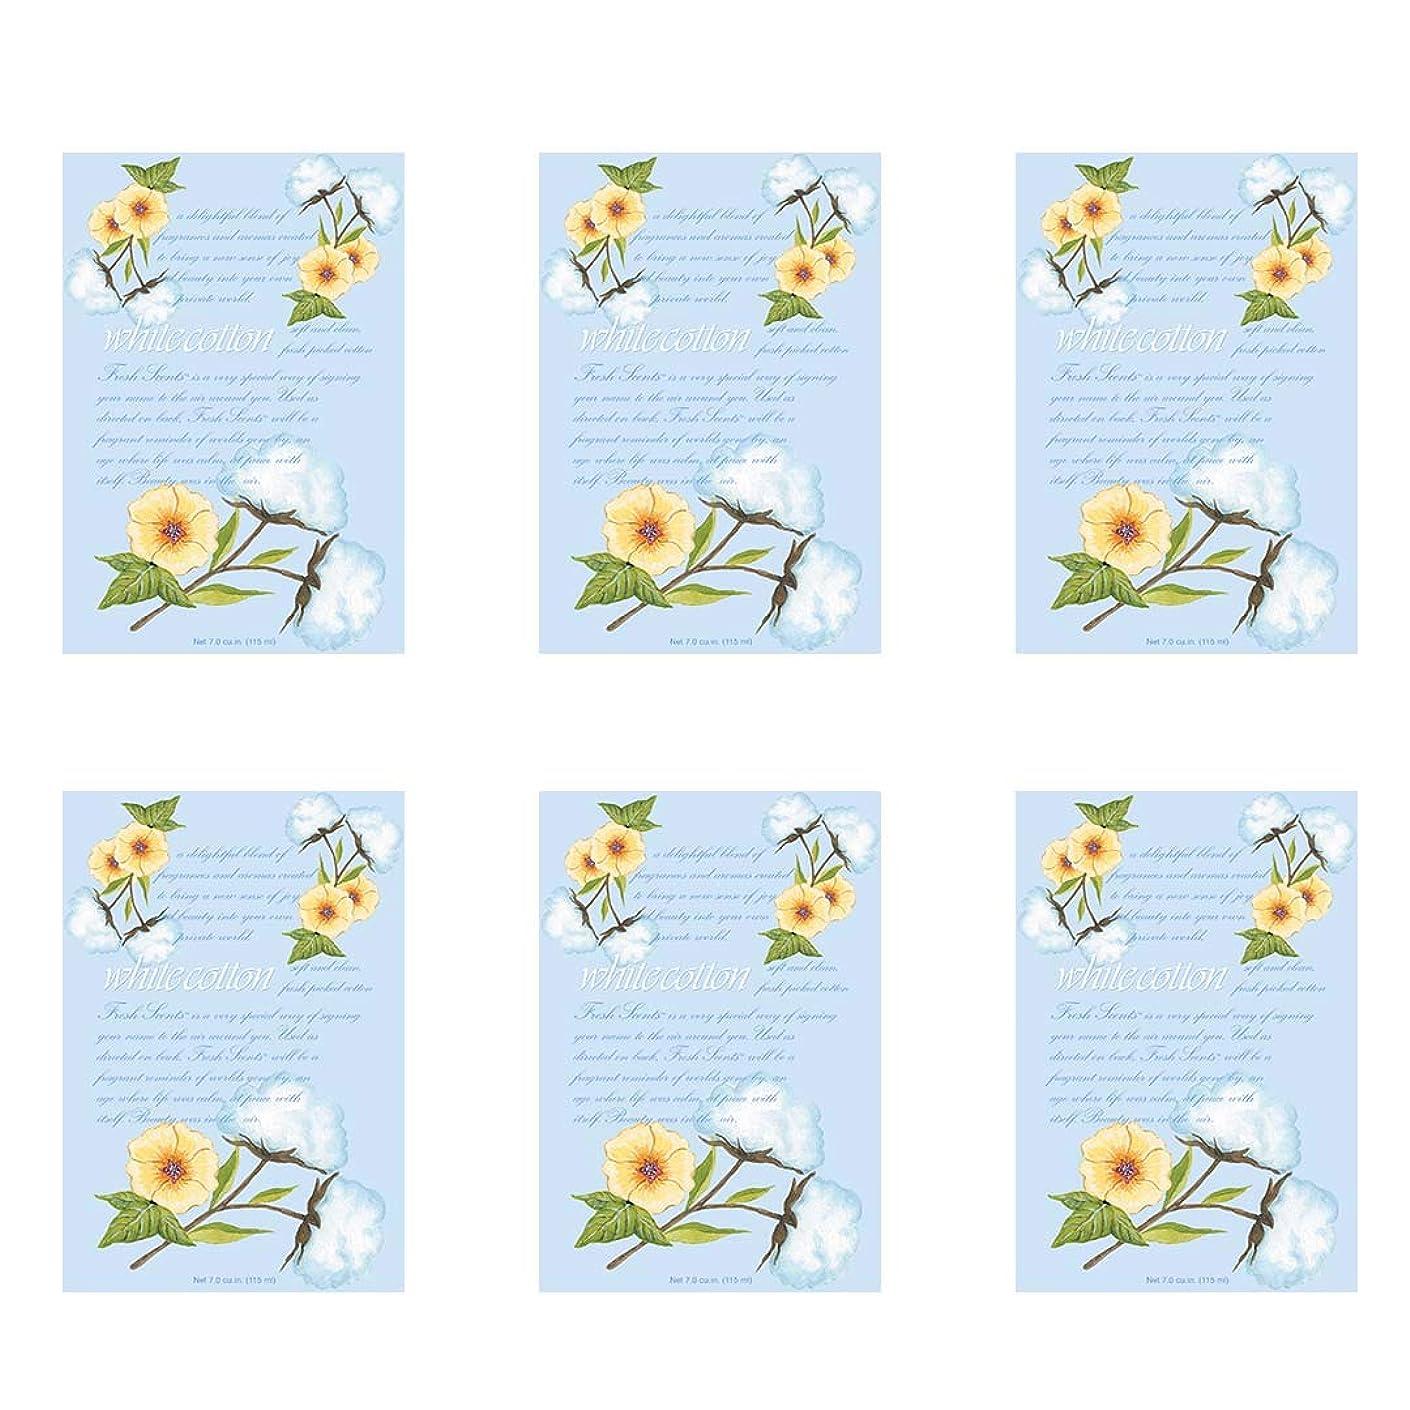 エクステント害虫印刷するWILLOWBROOK フレッシュな香りのサシェ - ホワイトコットン 6パック